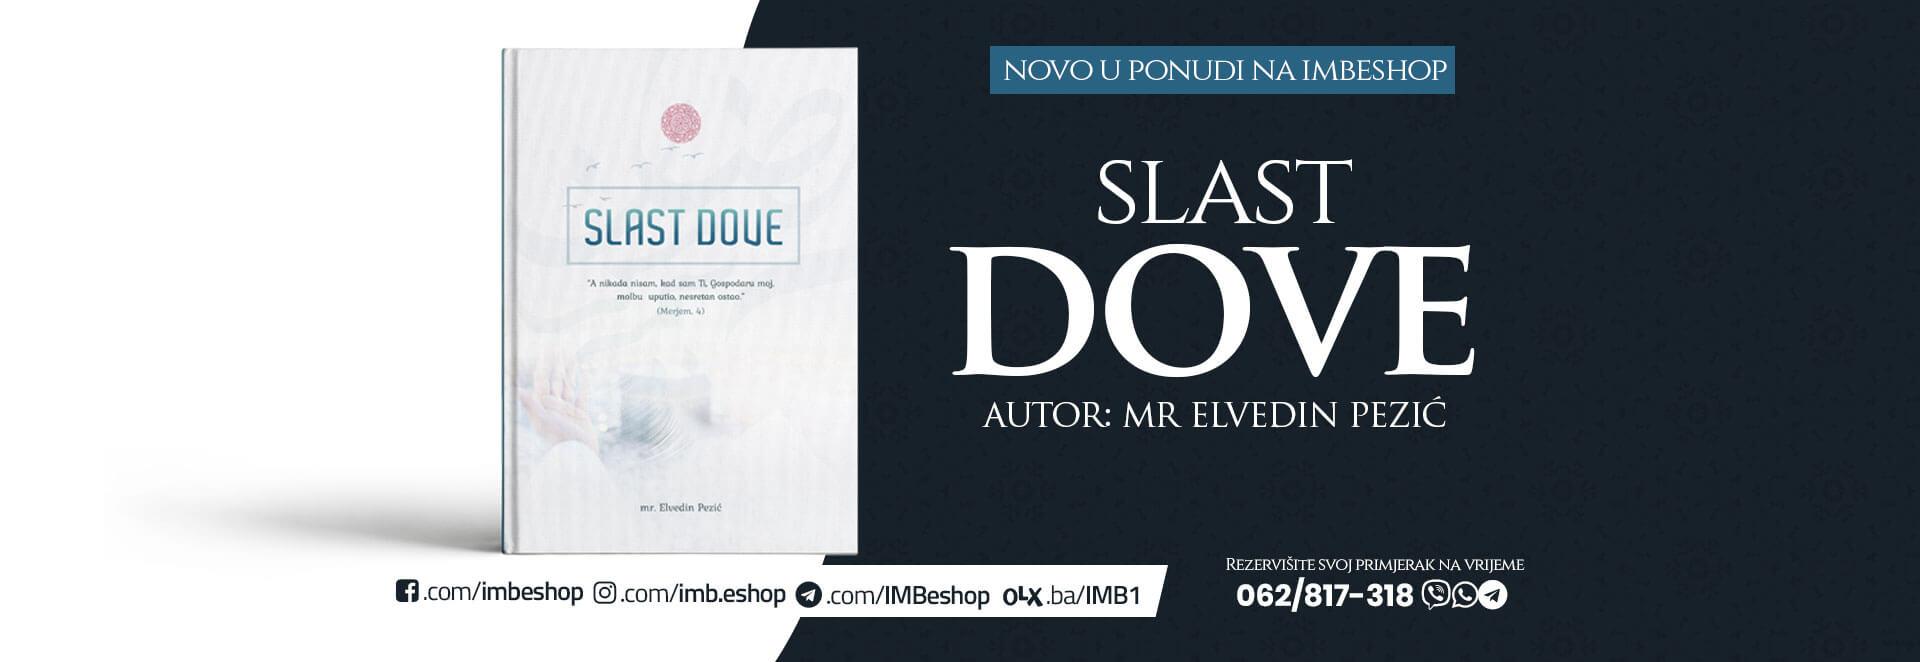 slast dove banner